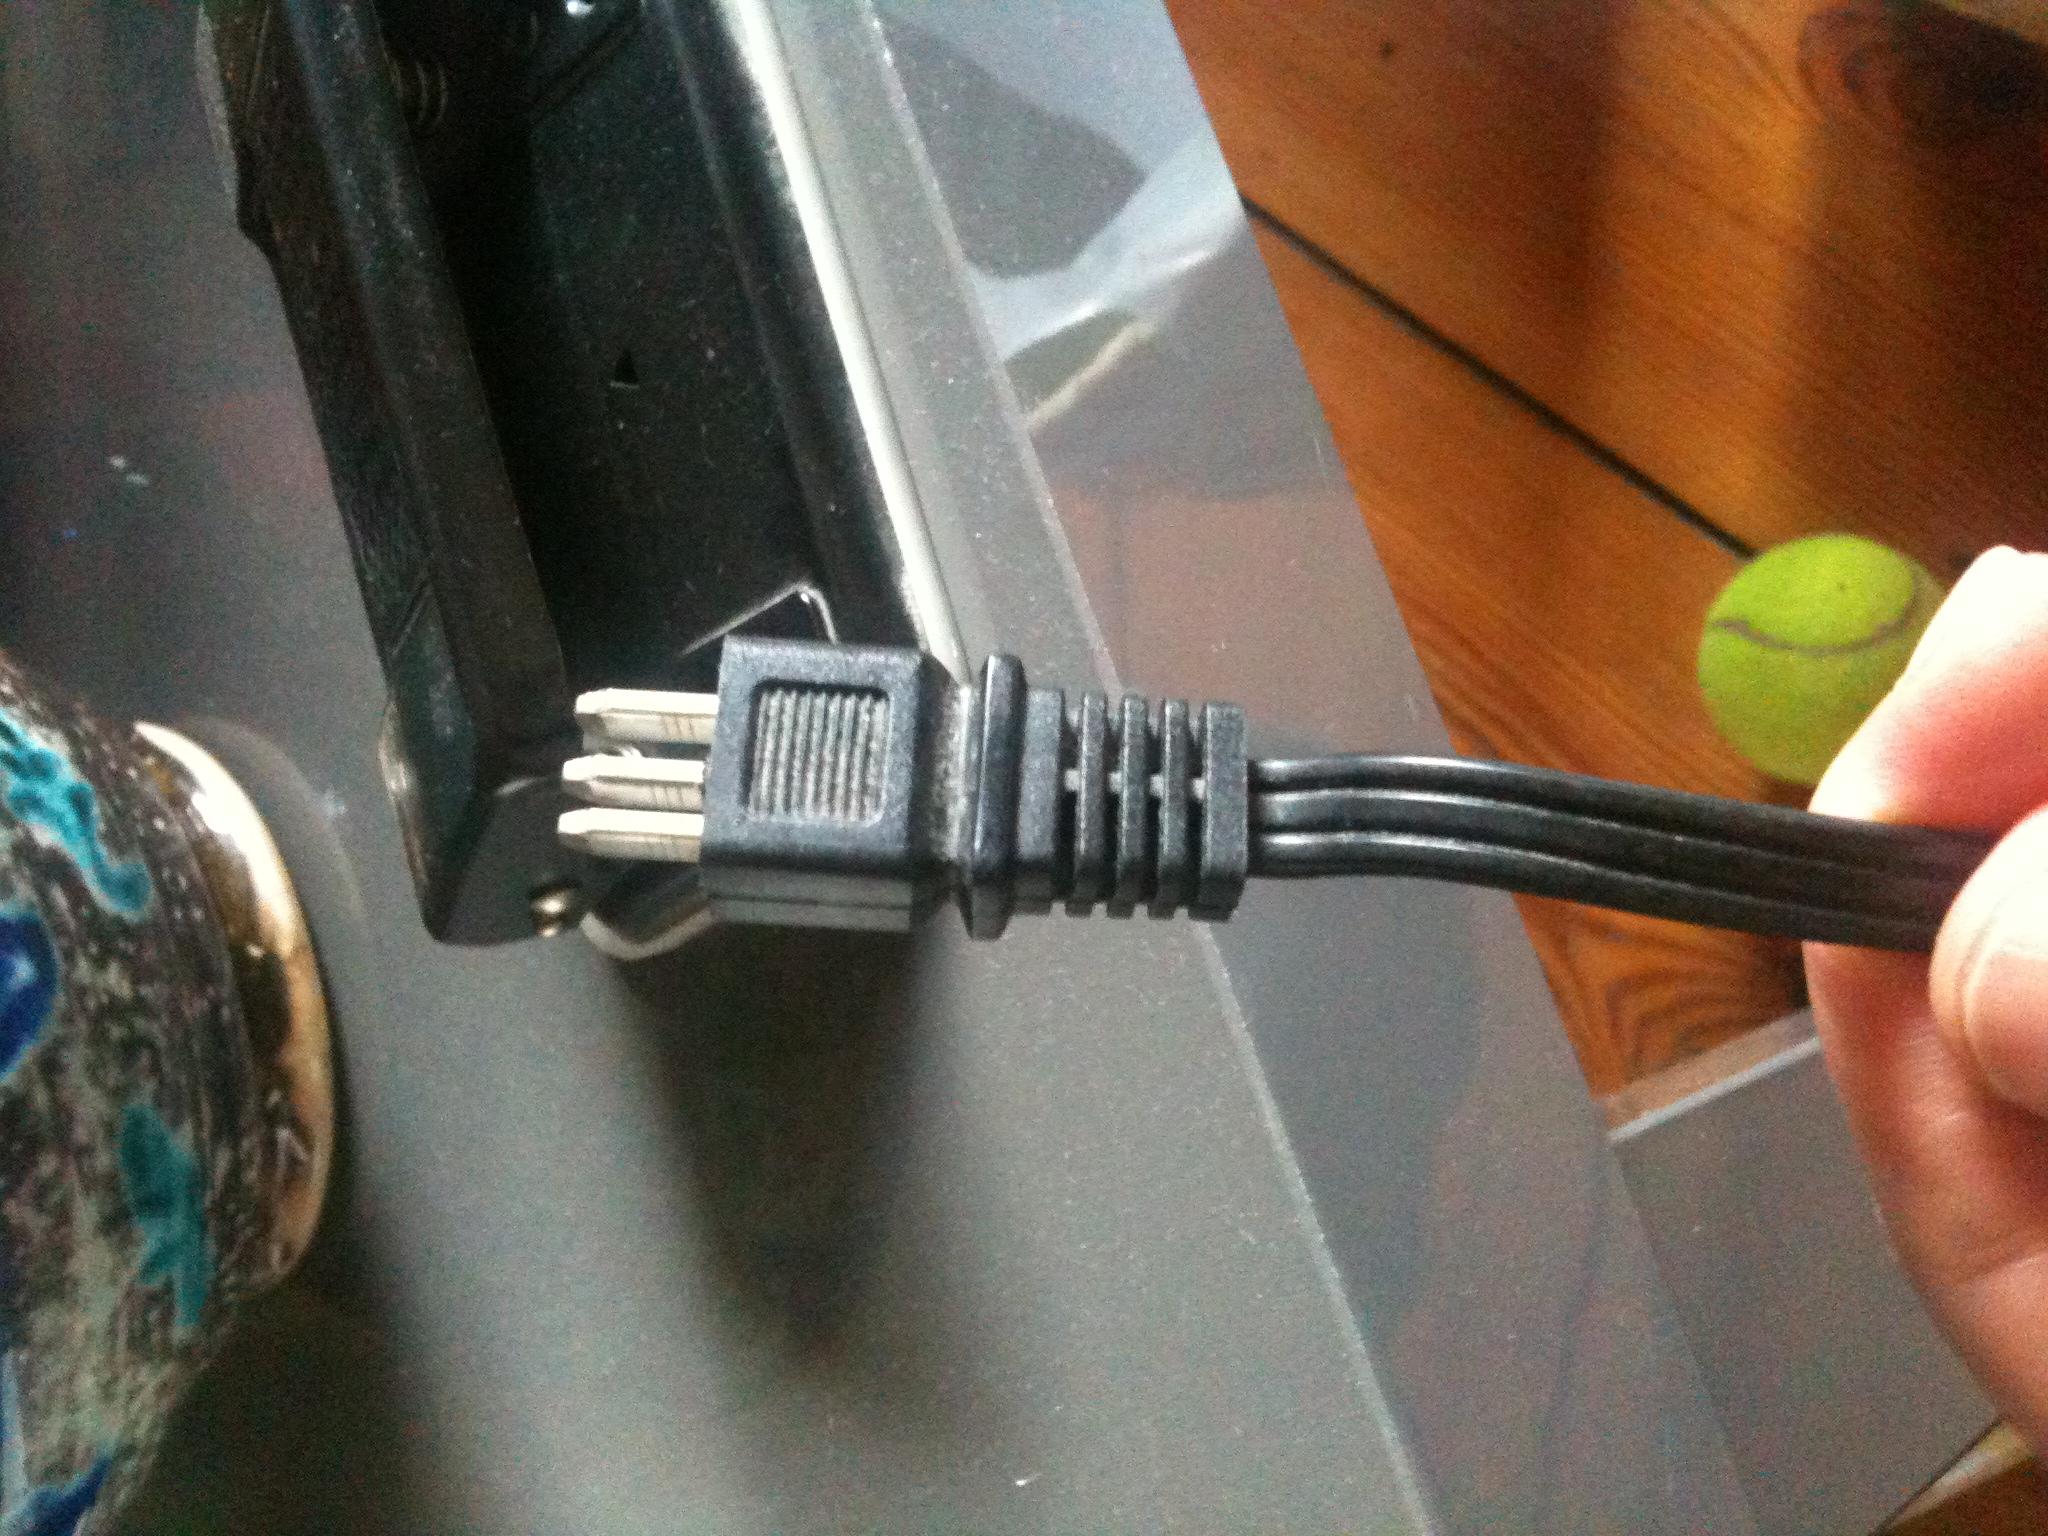 Wer kennt einen solchen Lampenstecker / einen solchen Netzstecker ...